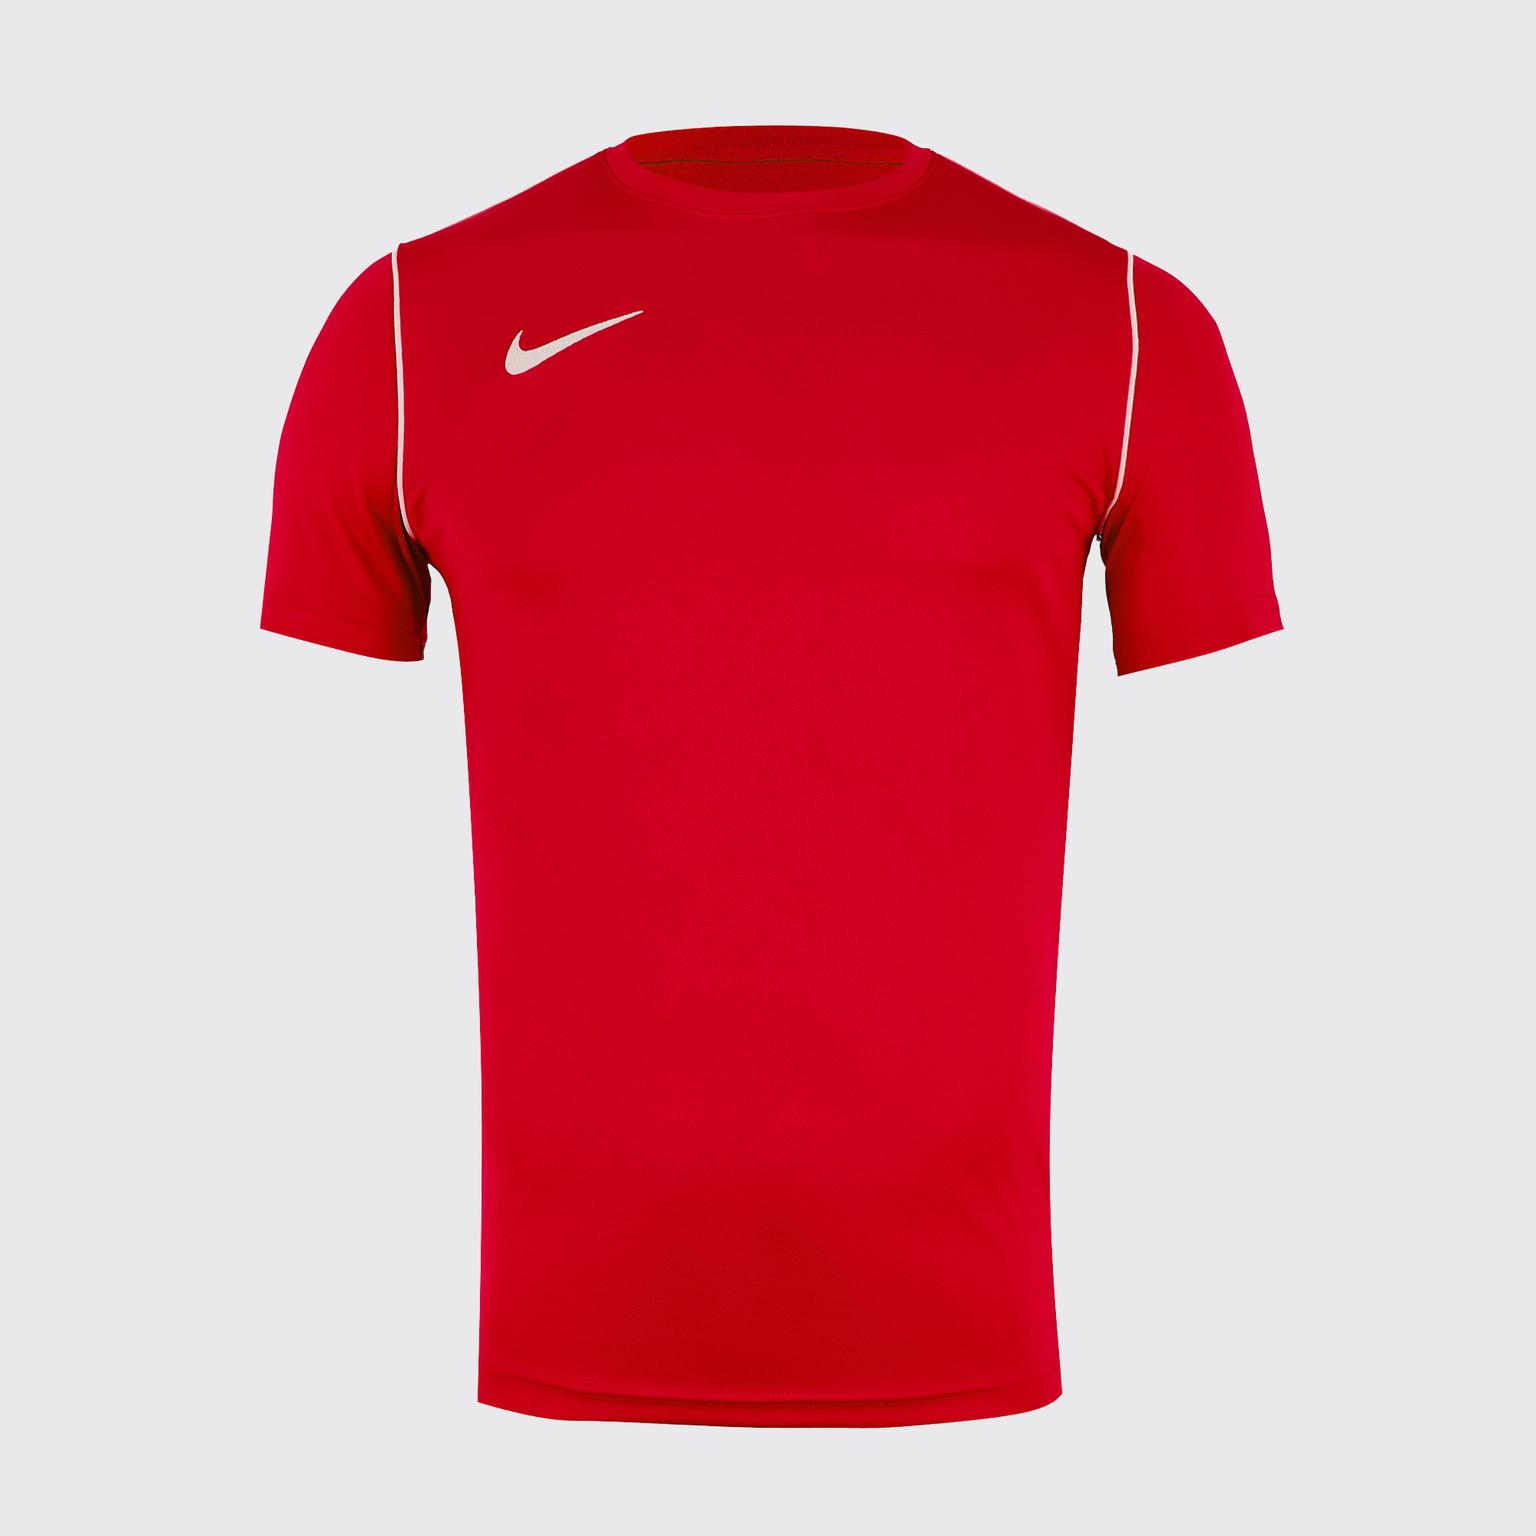 Футболка игровая Nike Dry Park20 BV6883-657 куртка спортивная nike guild 550 jacket 693529 657